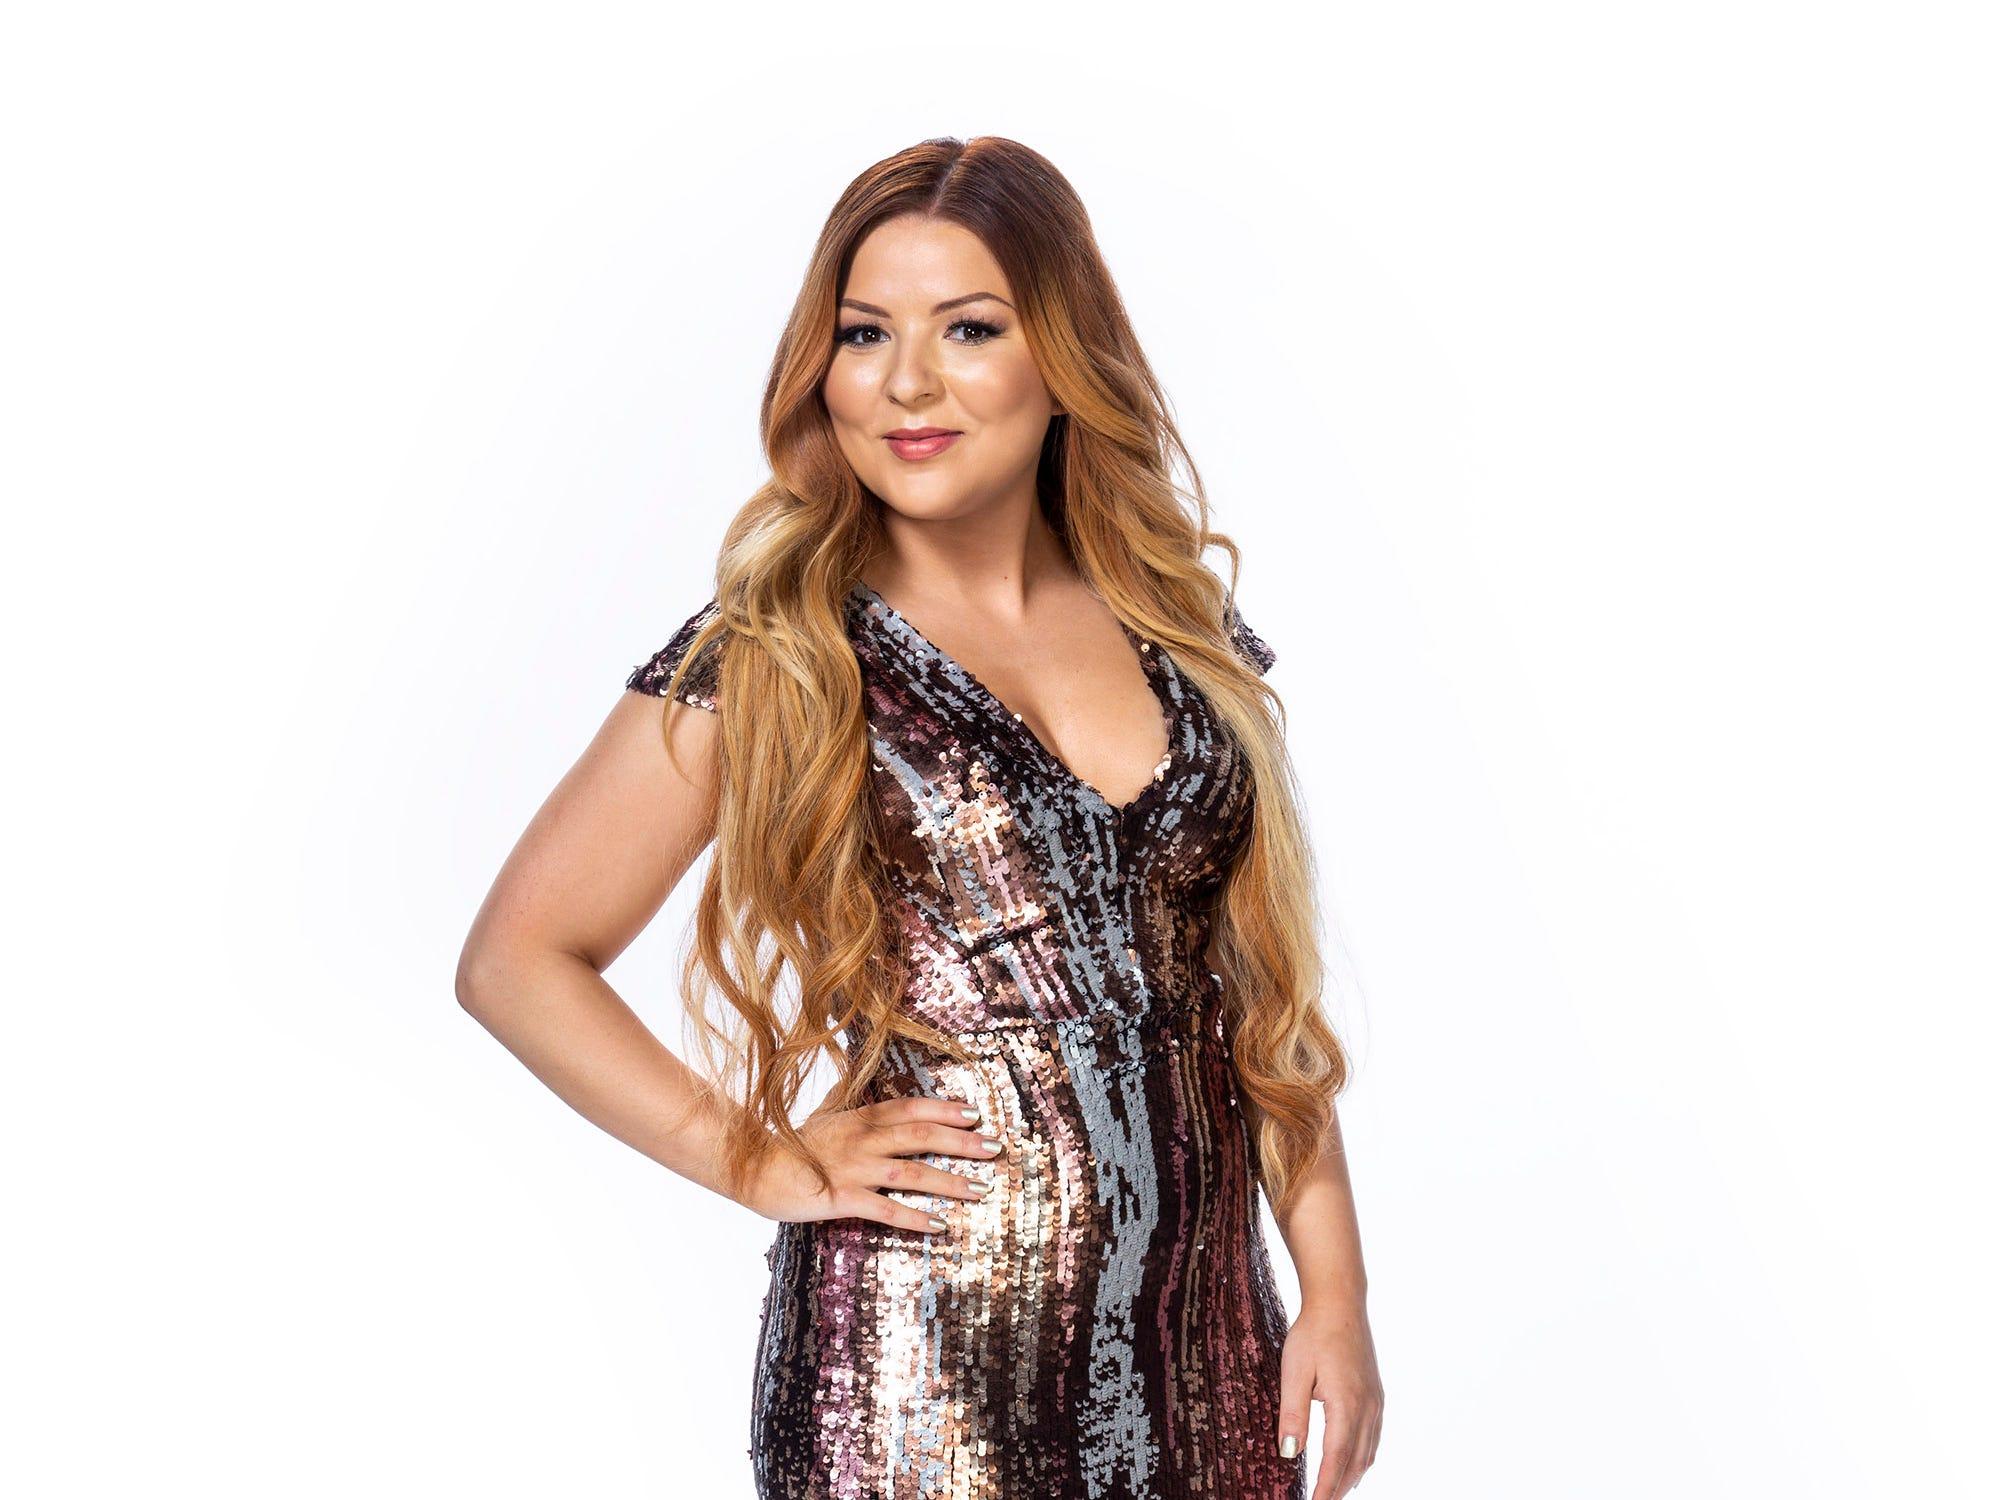 Singer Bianca Ryan